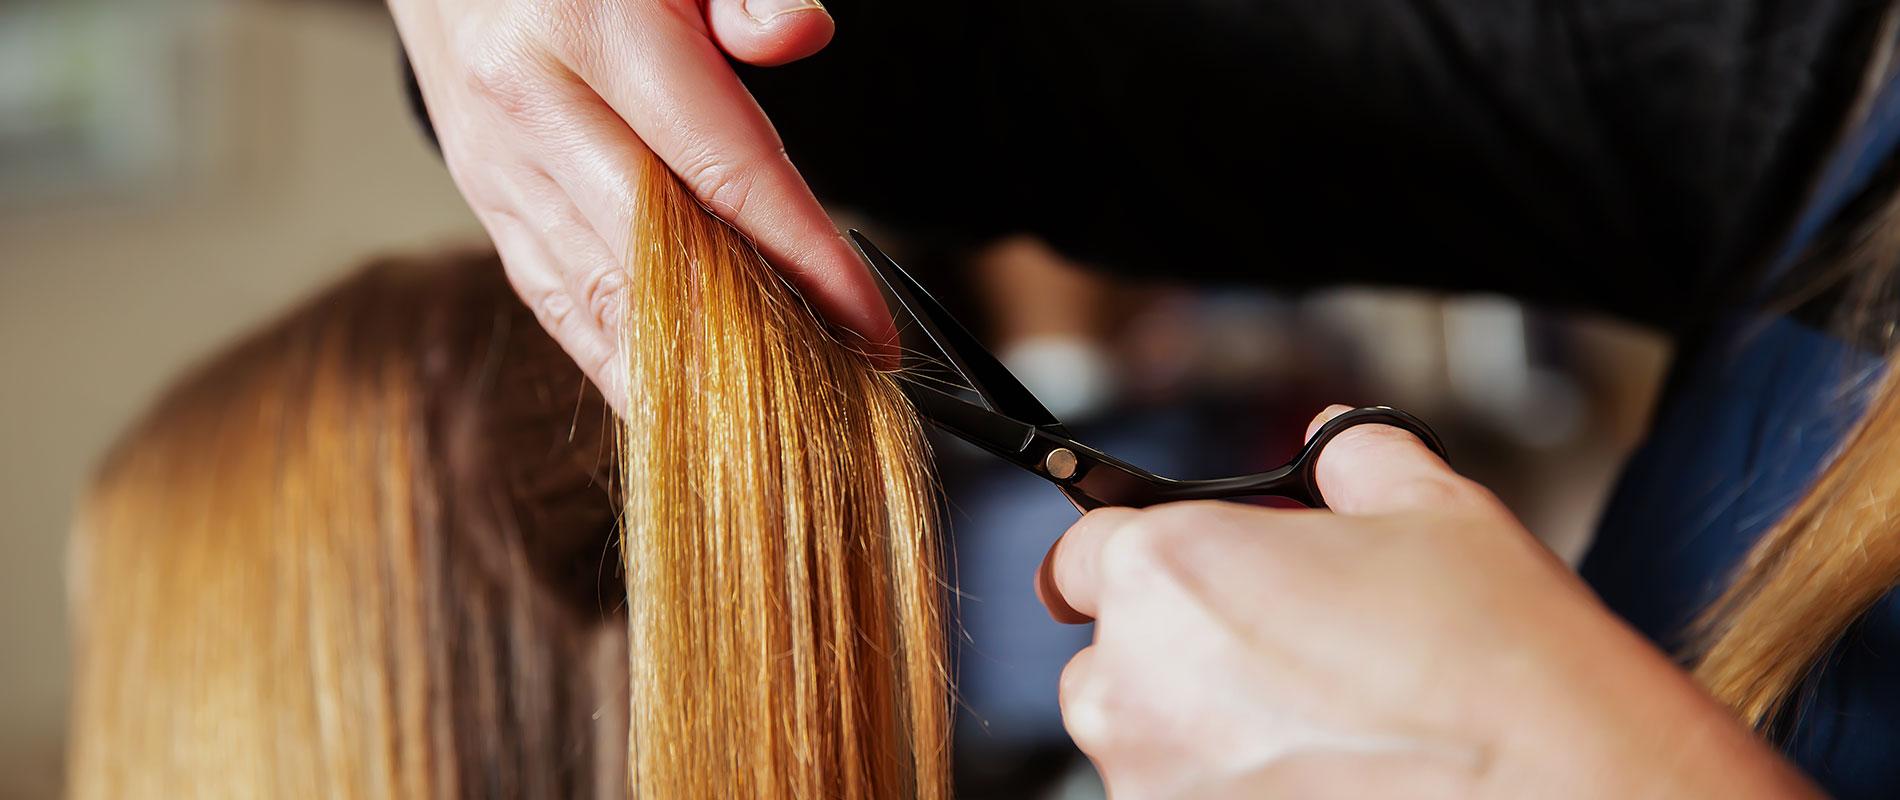 Best Hair Dye Salon In Houston All The Best Hair Salon In 2018